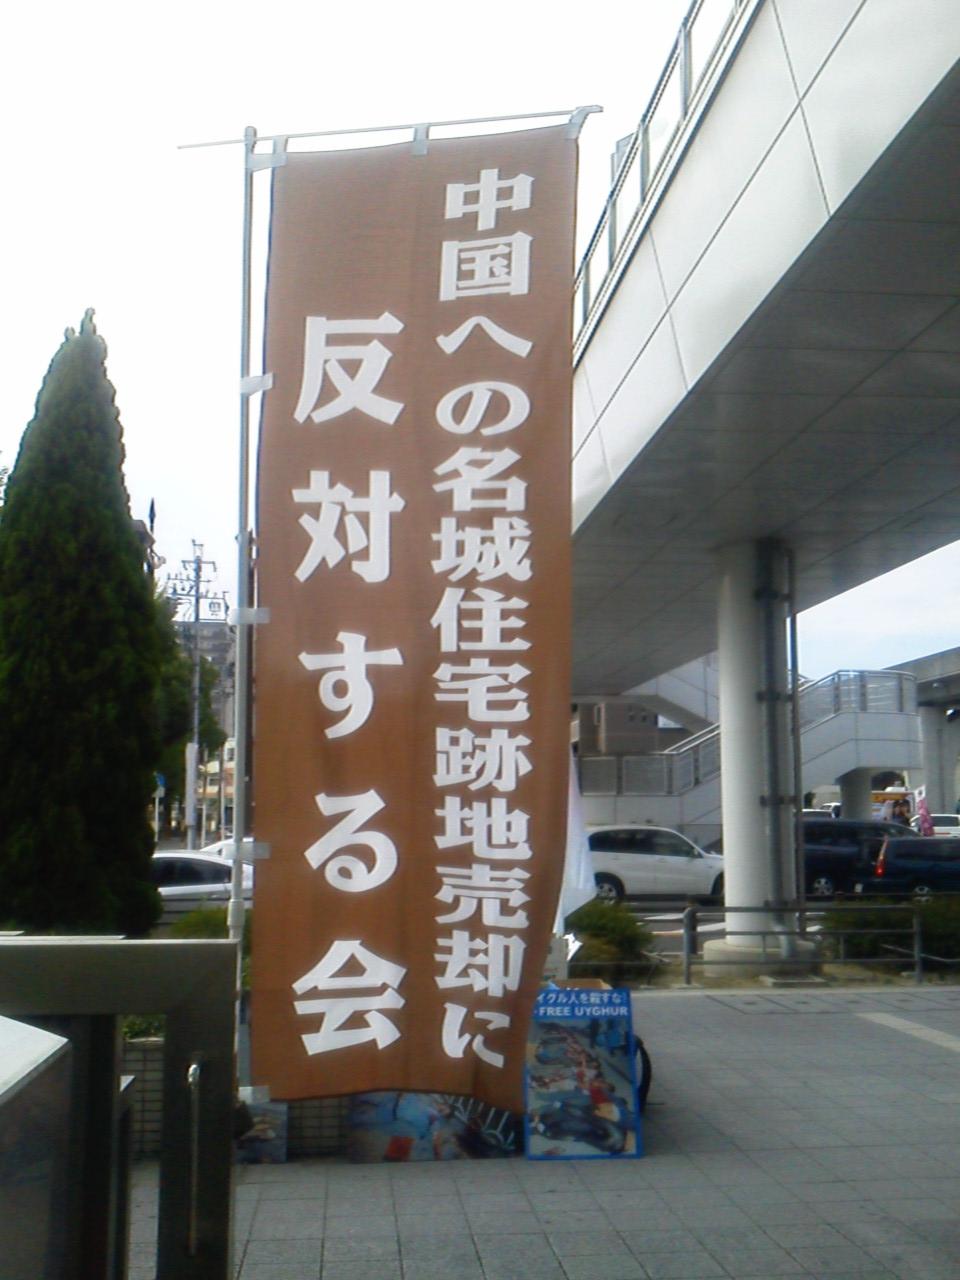 00ナゴヤドーム前名城住宅街宣2012.10.13